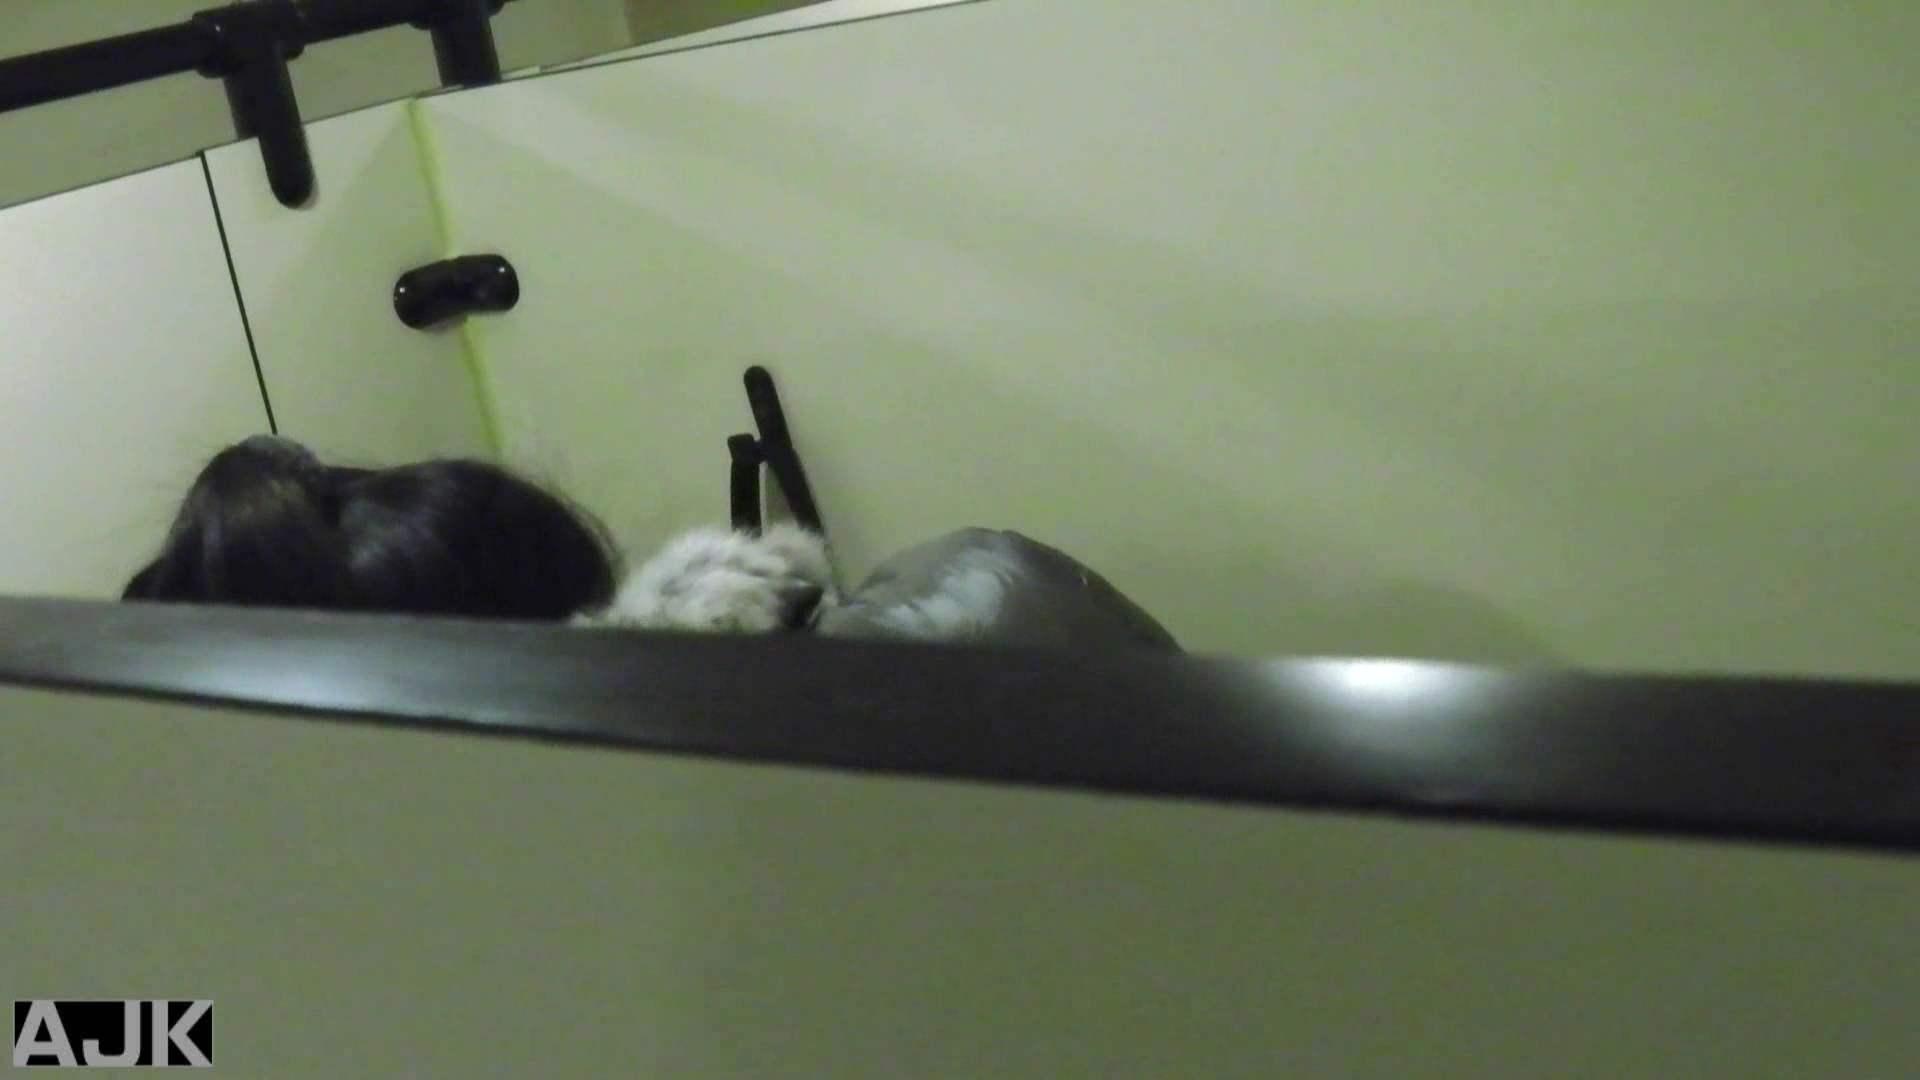 隣国上階級エリアの令嬢たちが集うデパートお手洗い Vol.19 オマンコ  89PIX 10